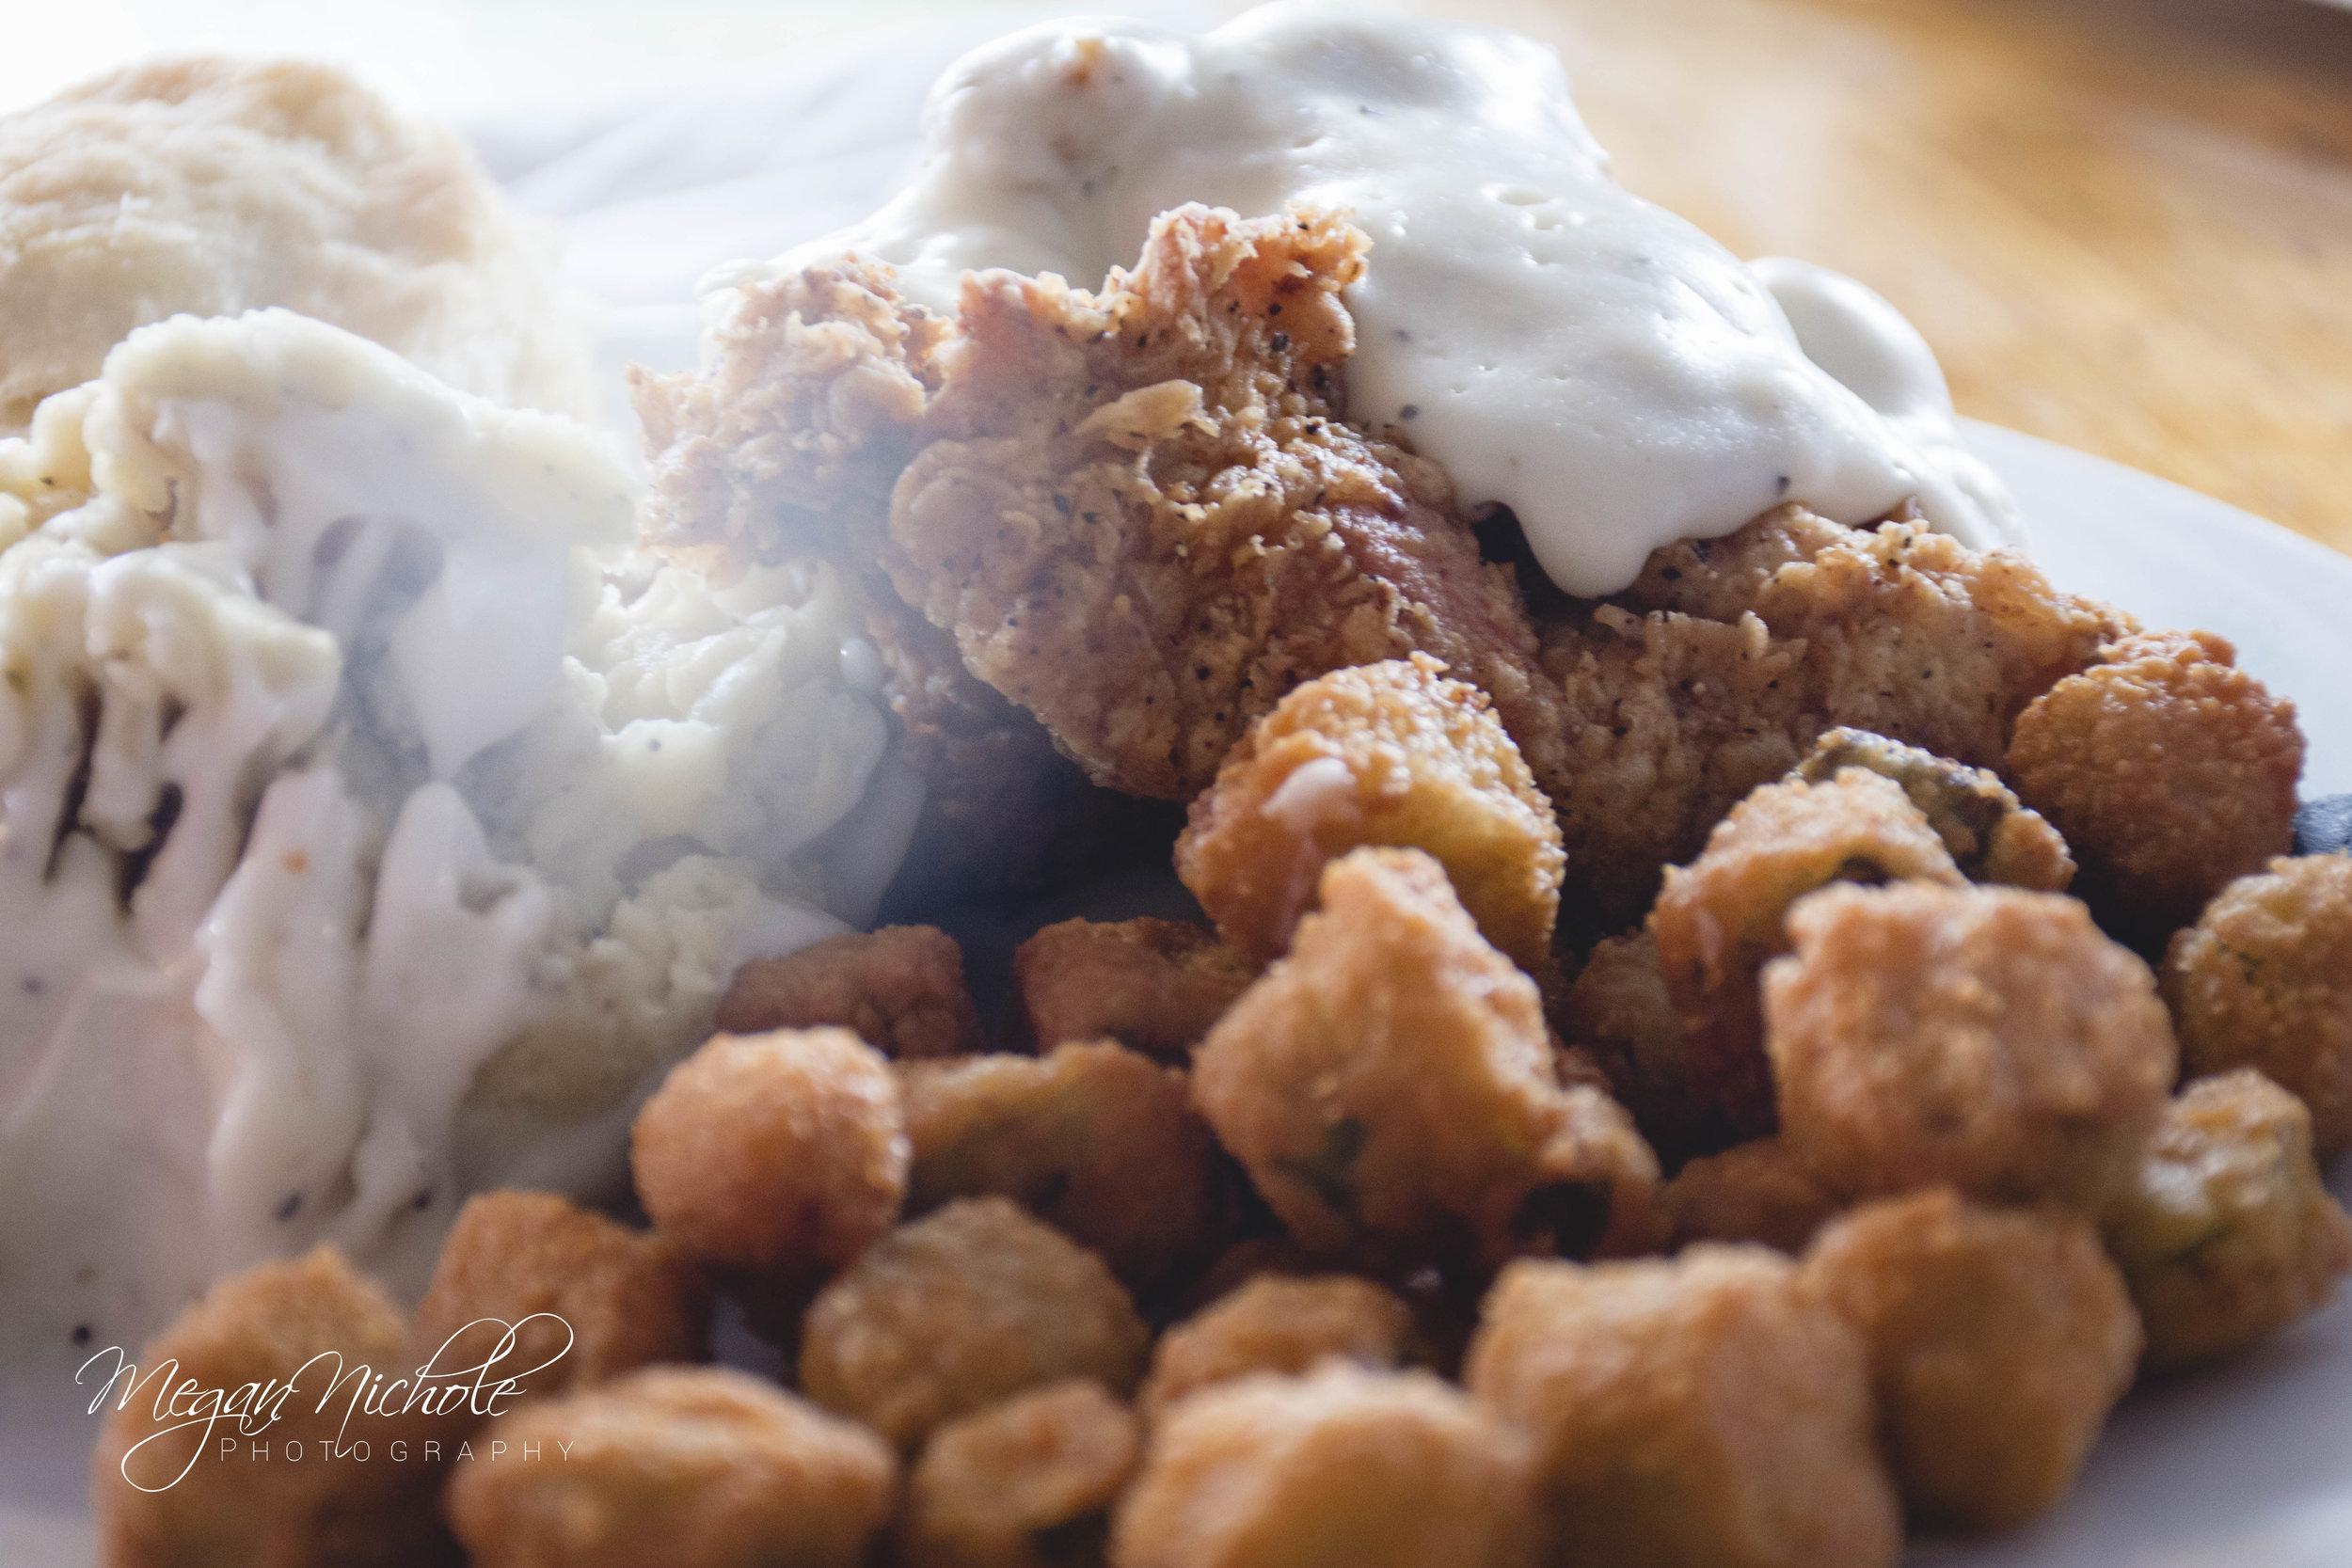 Page's Okra Grill fried okra